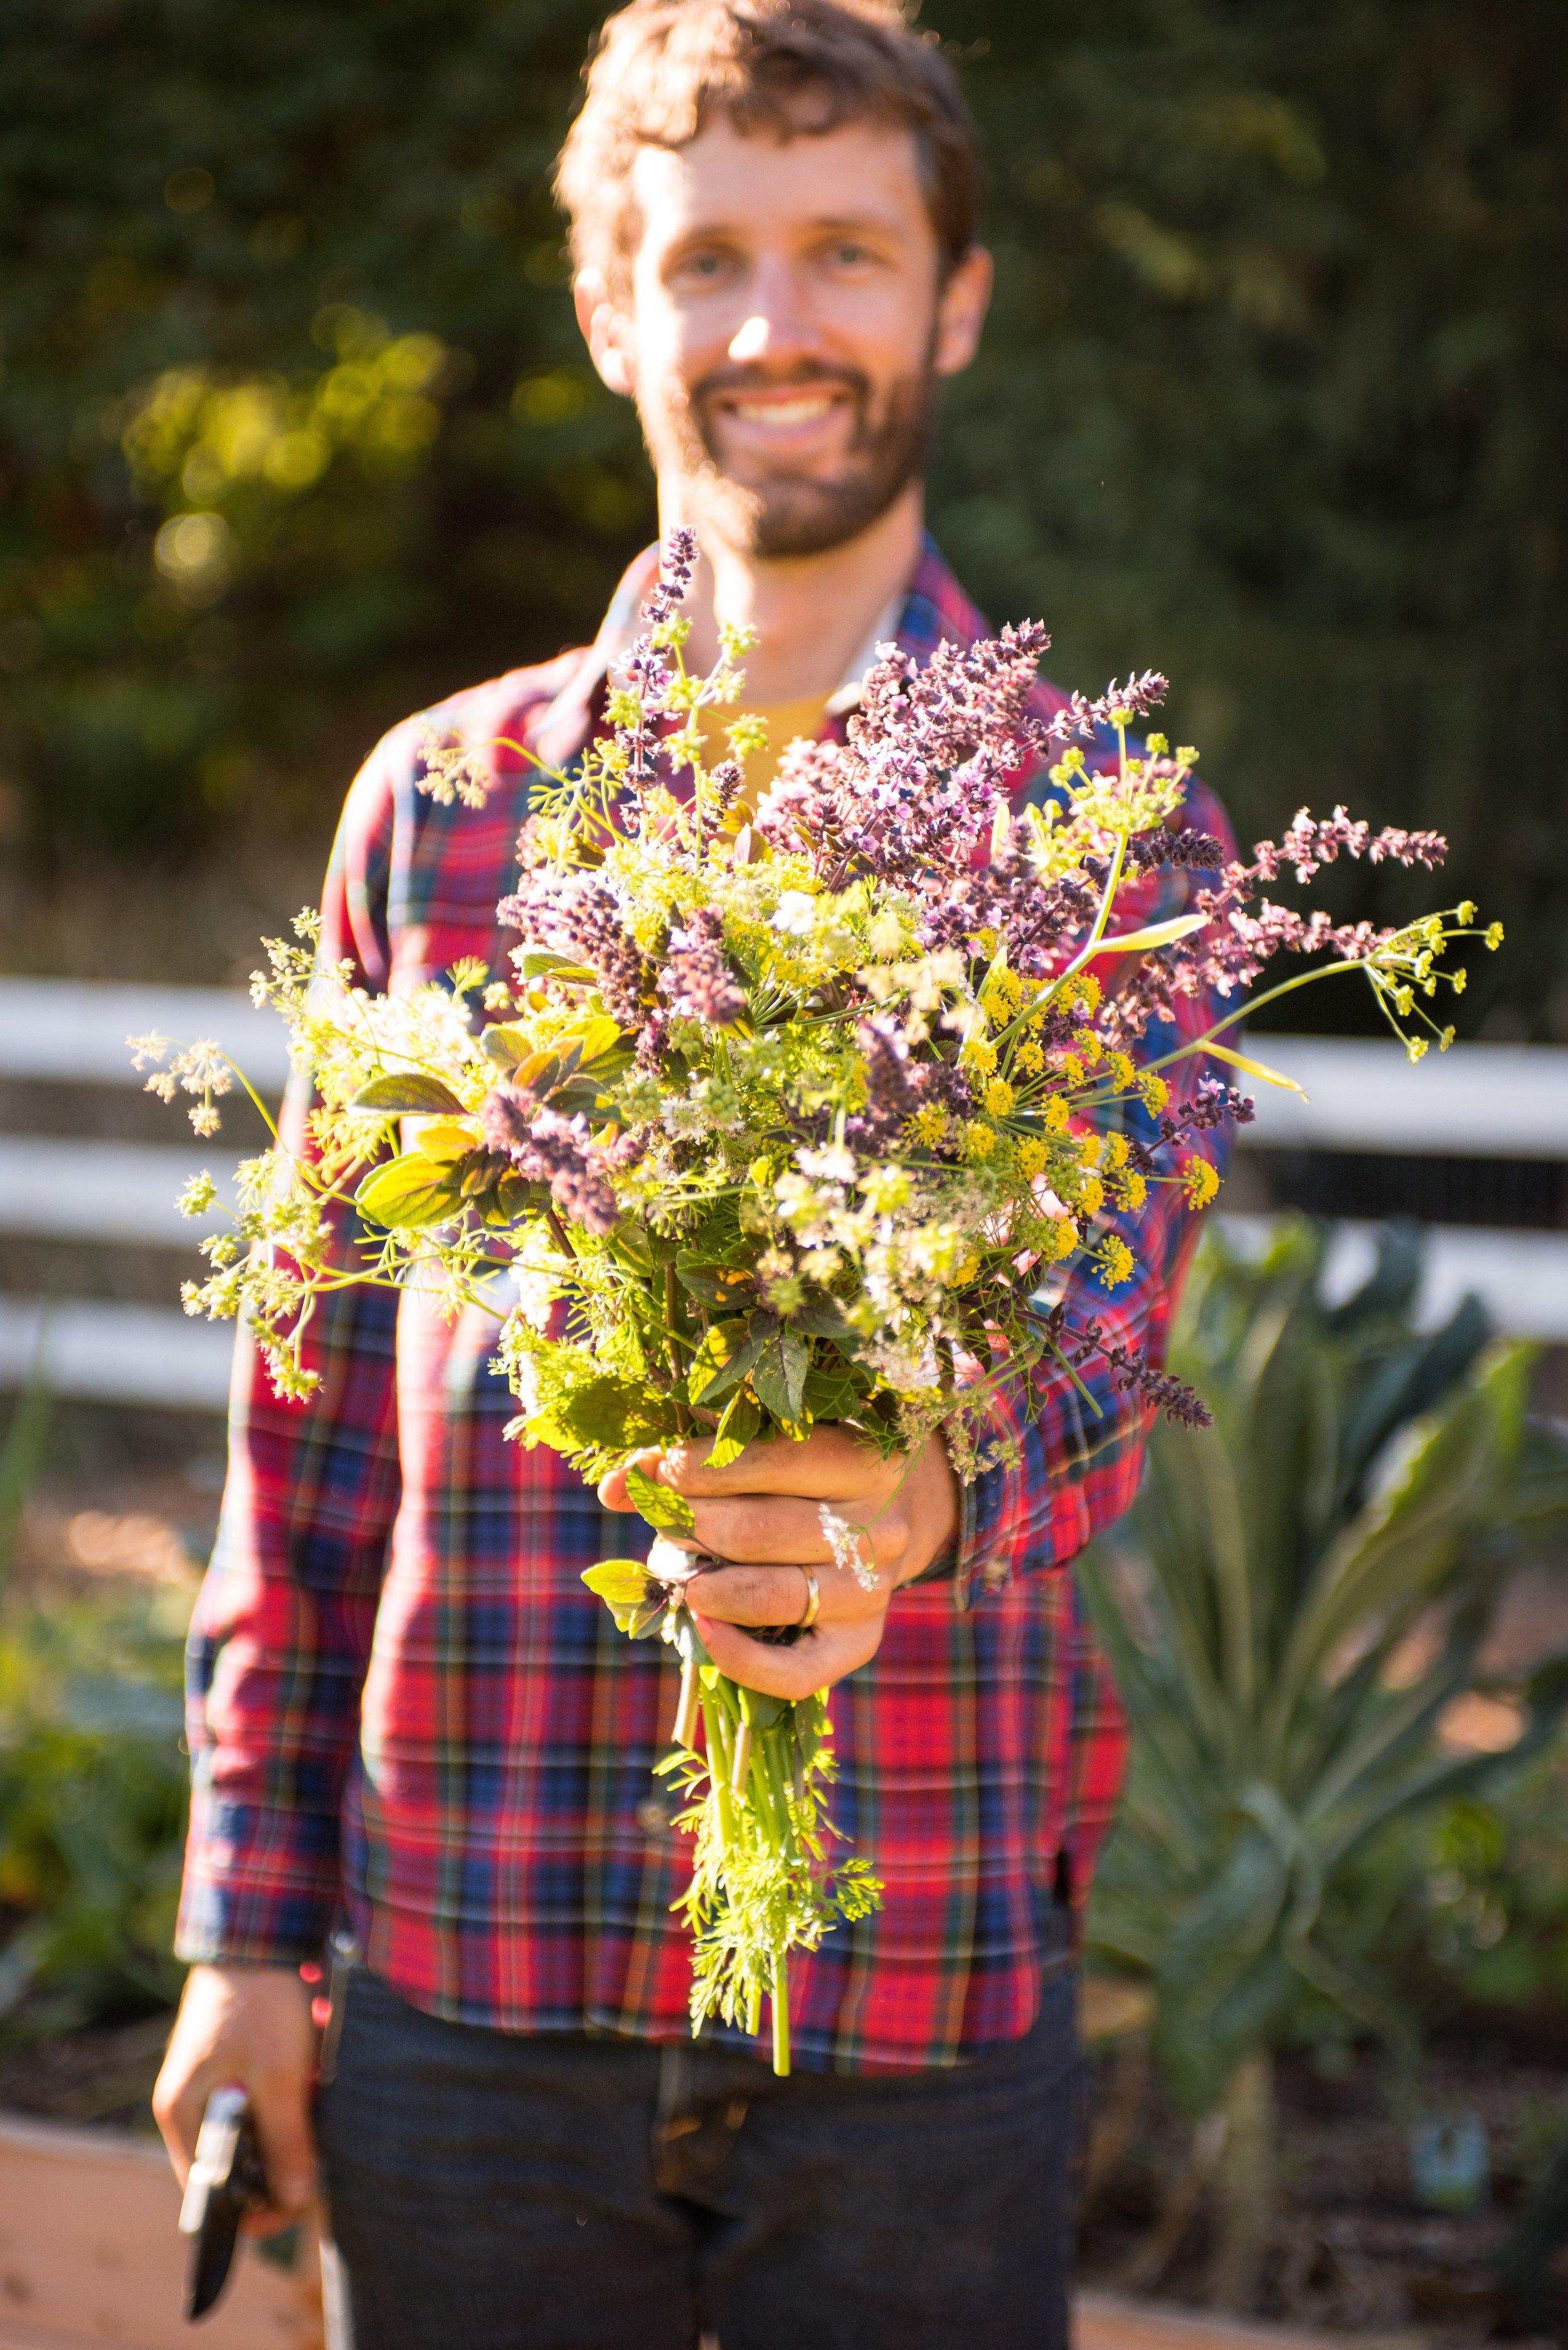 Portland_Edible_Gardens_5881.jpg